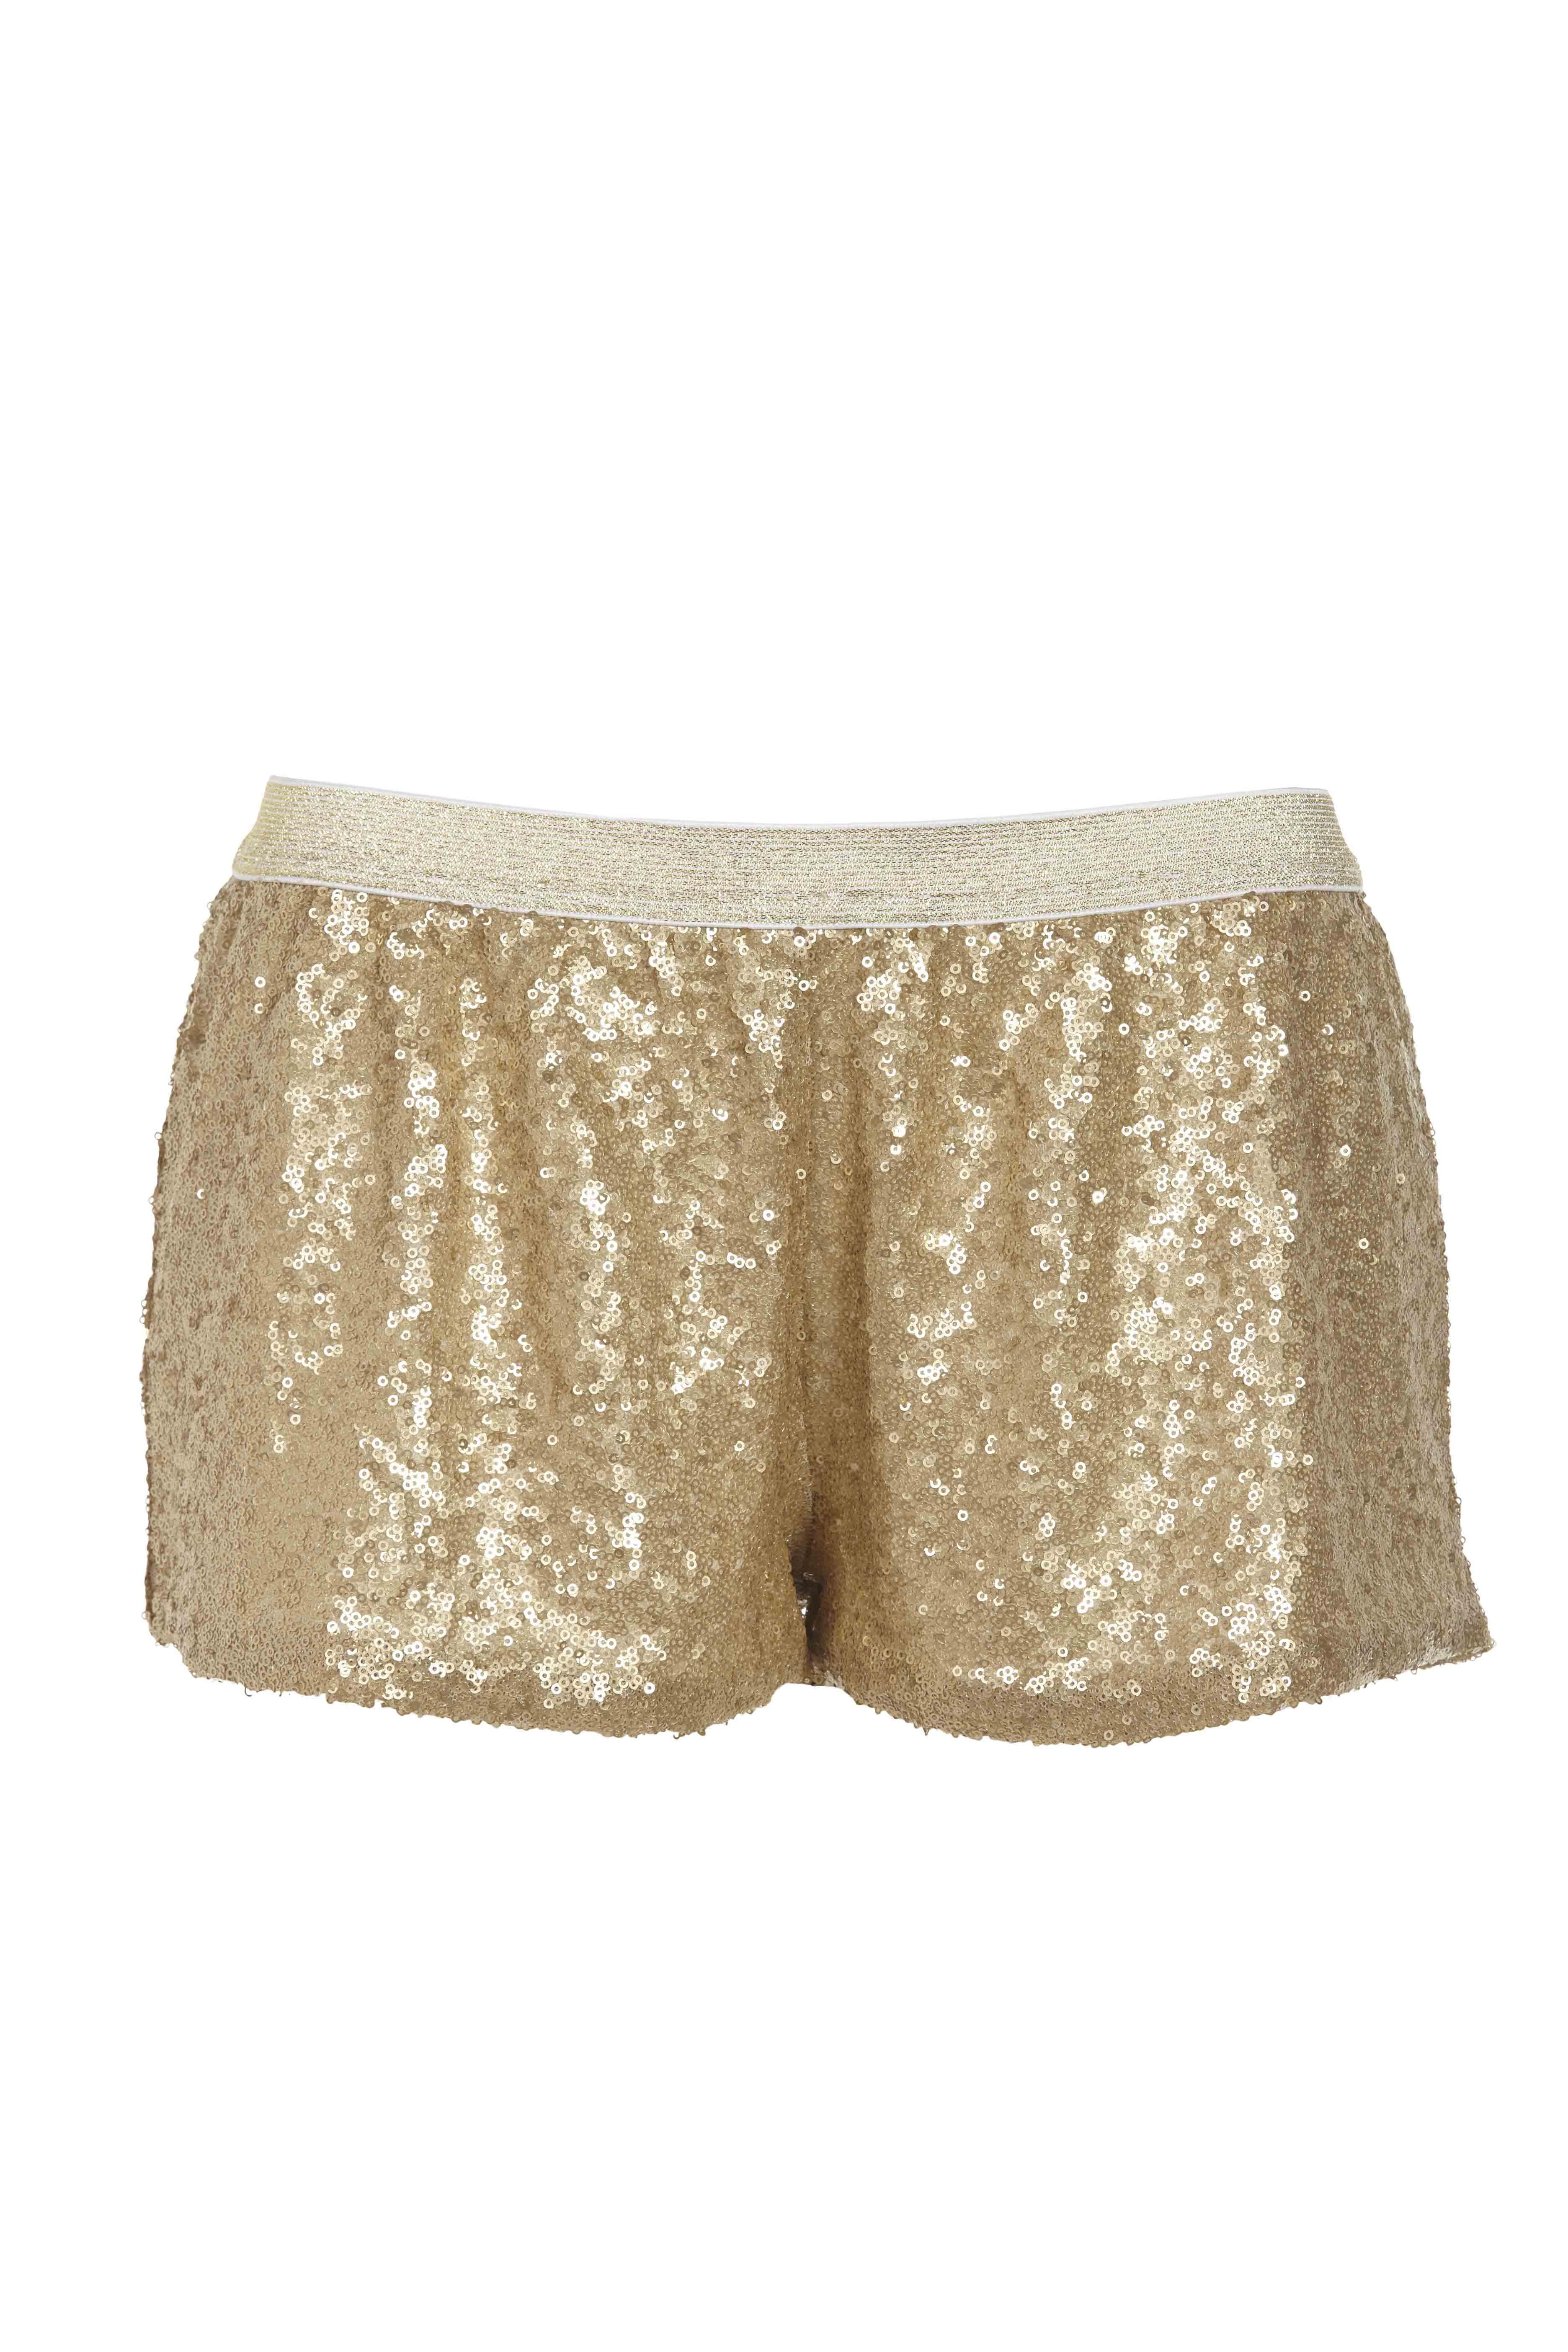 cotton-on-body_bridal-sequin-short_nz39-95_oct-nov-dec